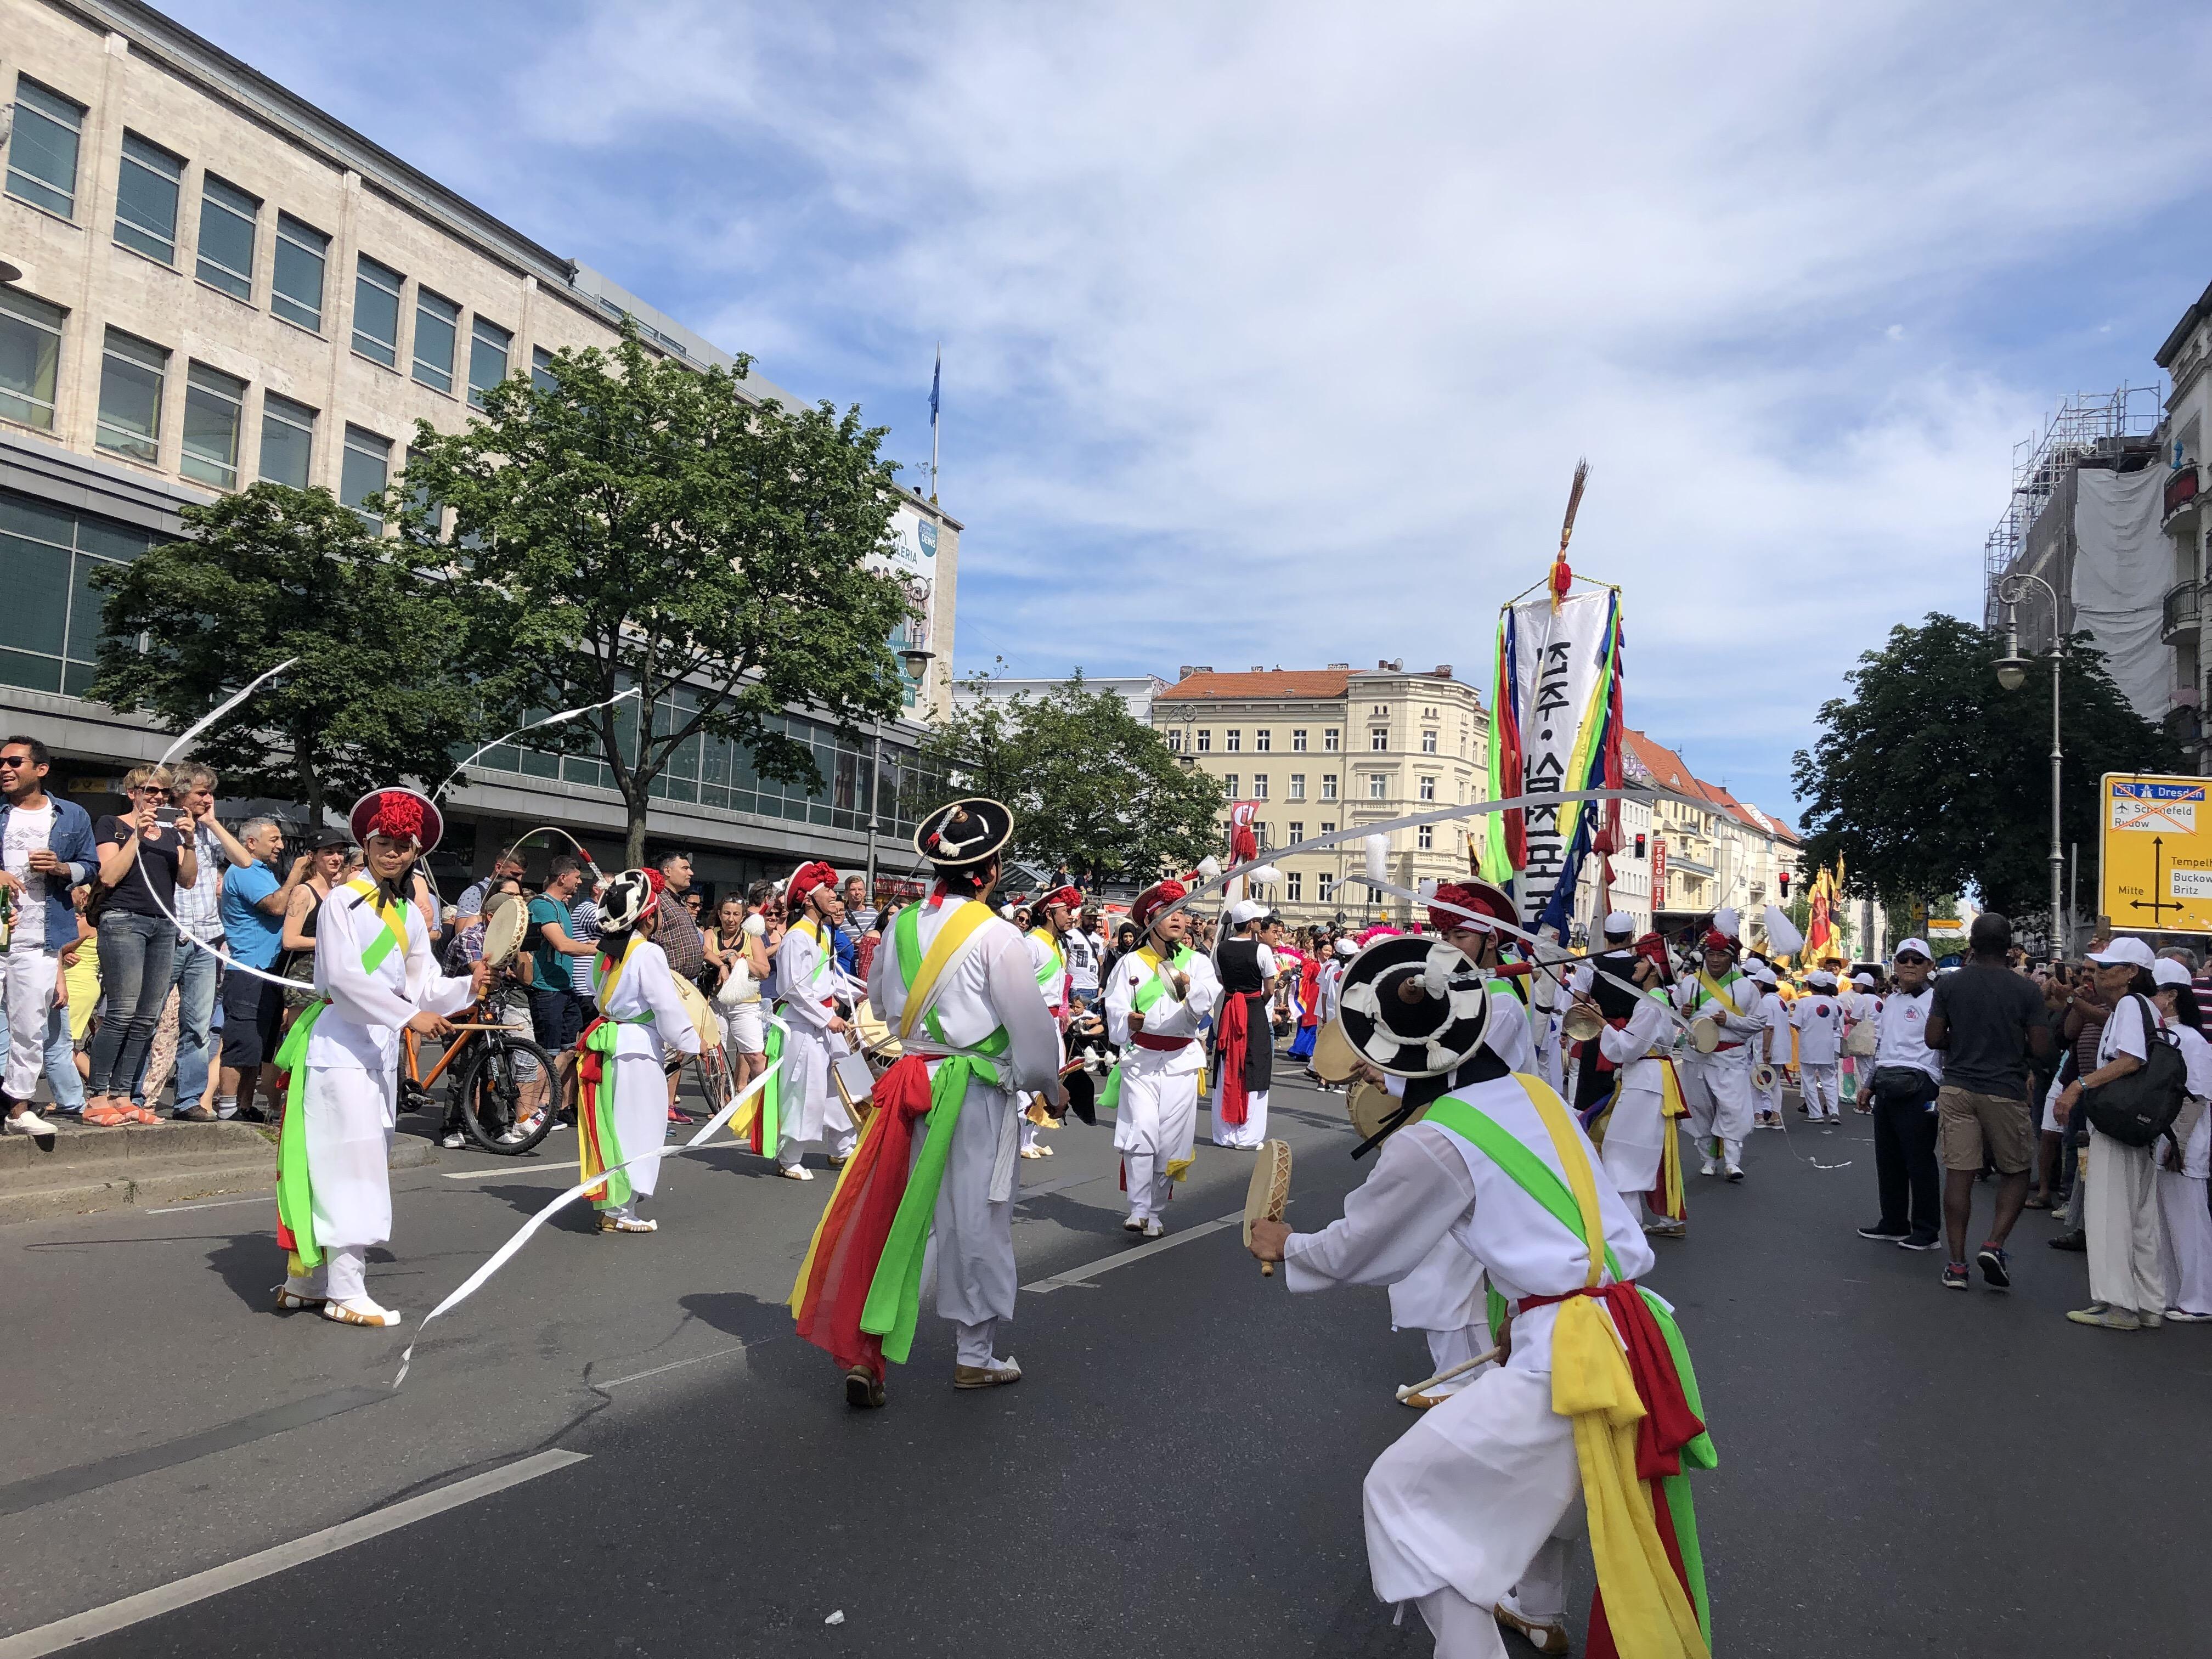 베를린 세계다문화축제 2019 참가 - 한국팀 (3).jpg